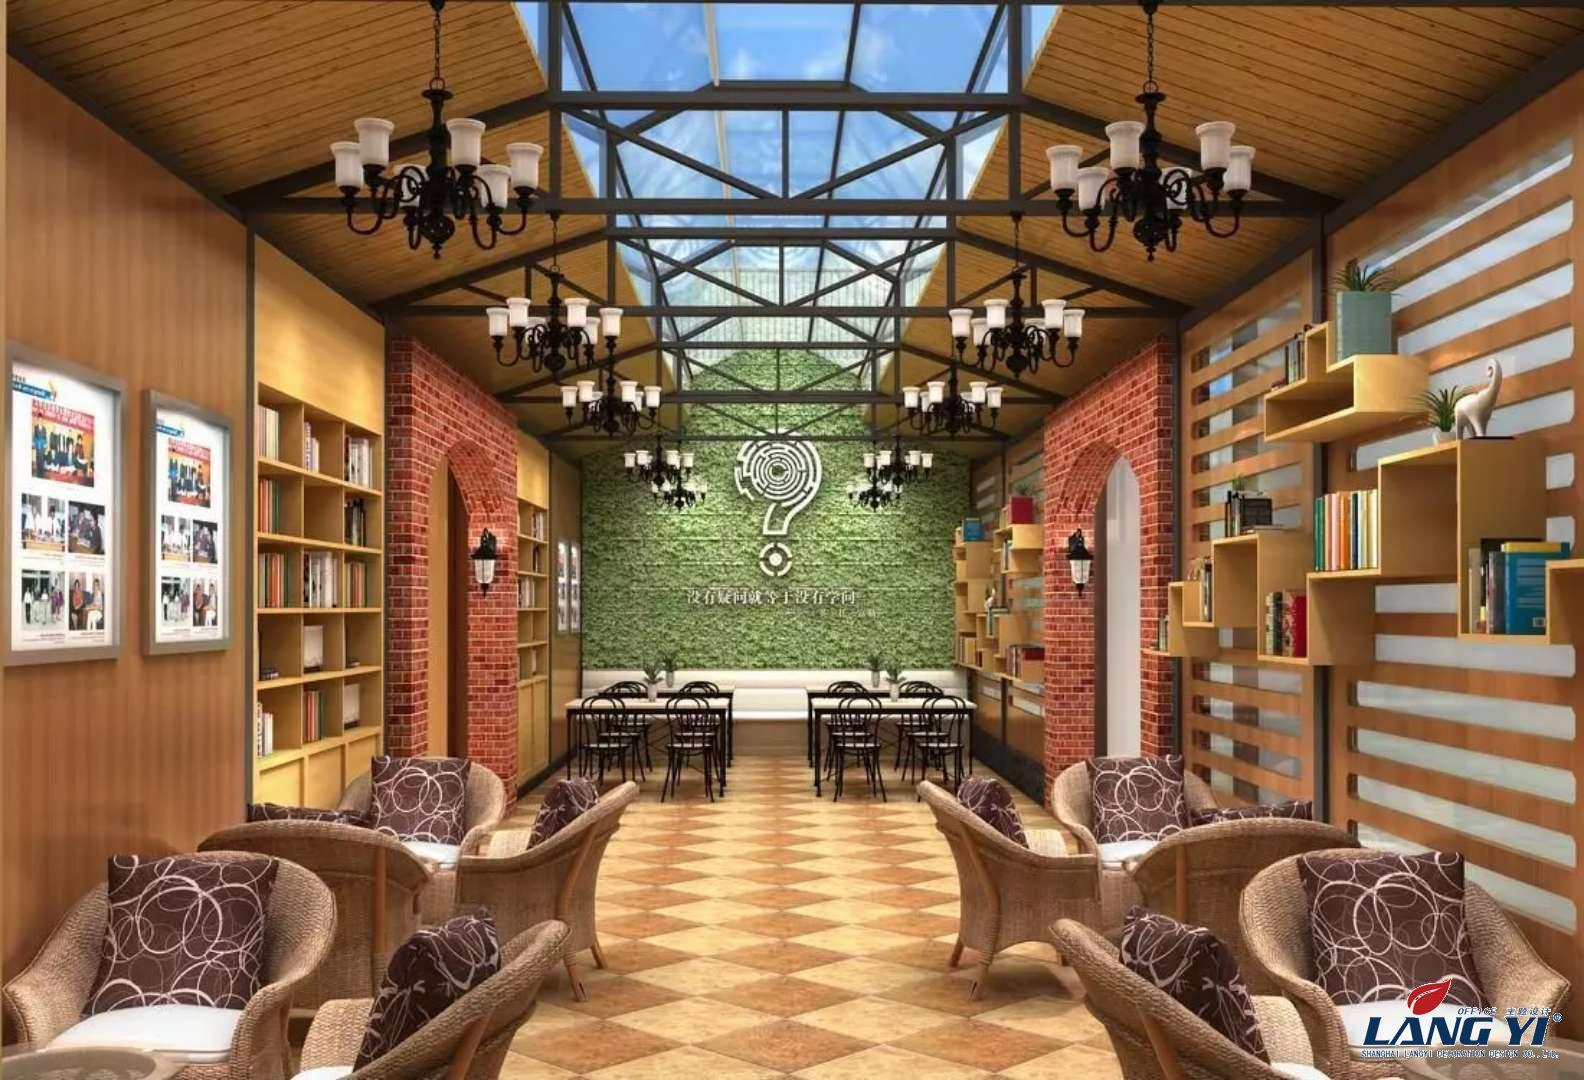 室内广东11选5走势图下载 网吧咖啡厅设计效果图,上海办公室广东11选5走势图下载公司